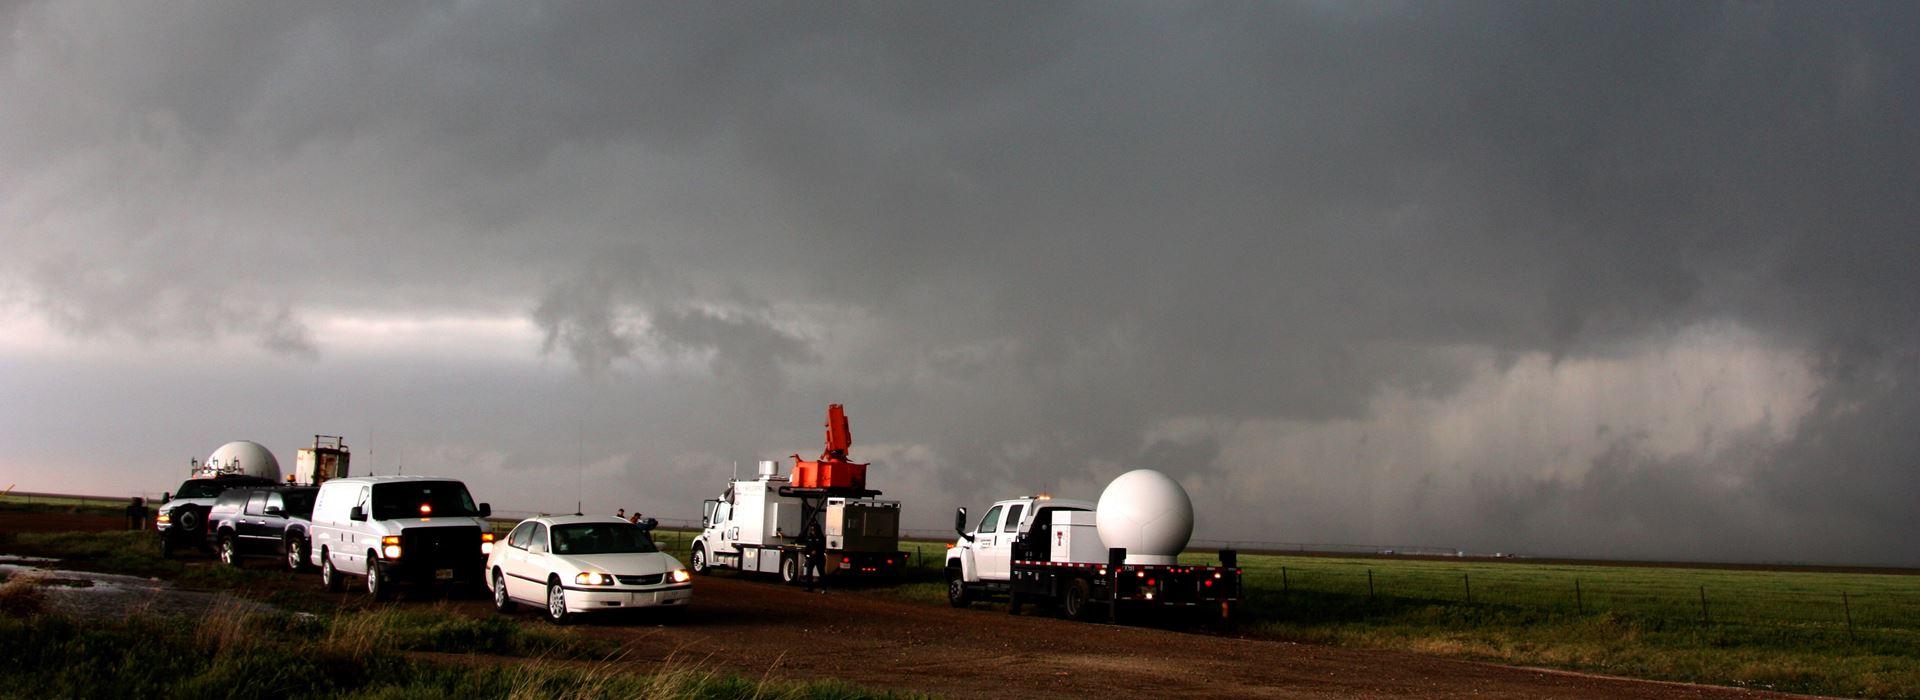 Как работают датчики погодных условий системы АДМС